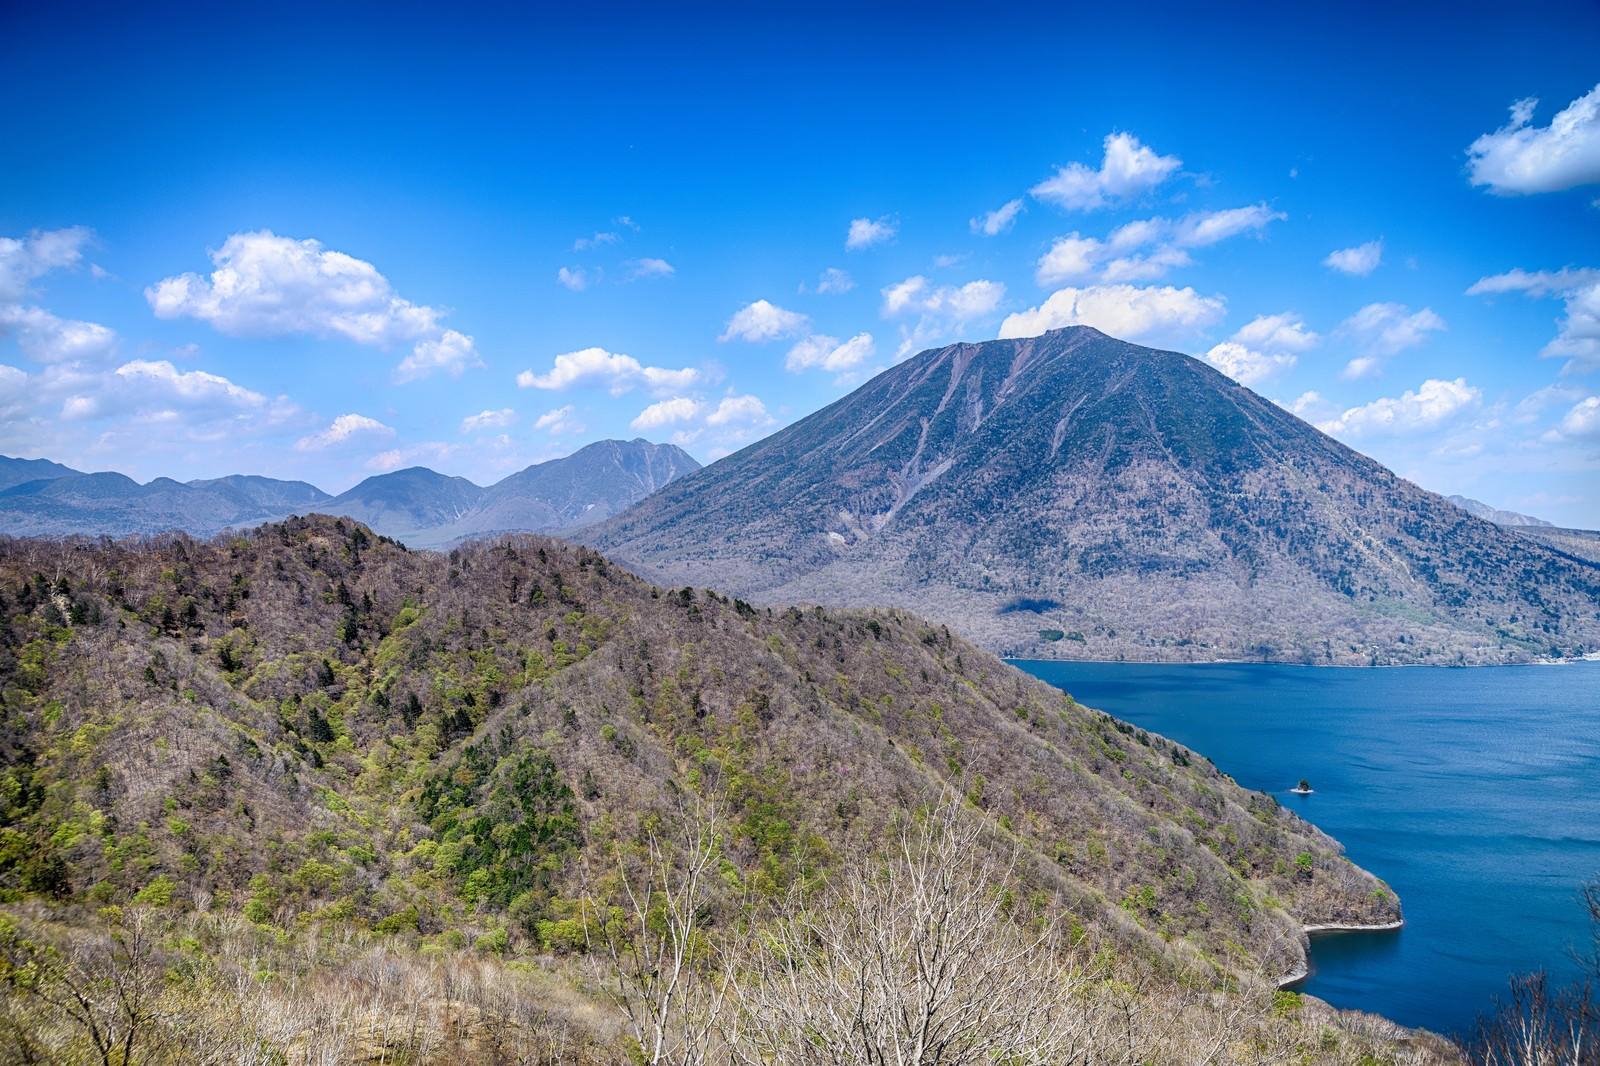 「中禅寺湖と新緑の男体山」の写真